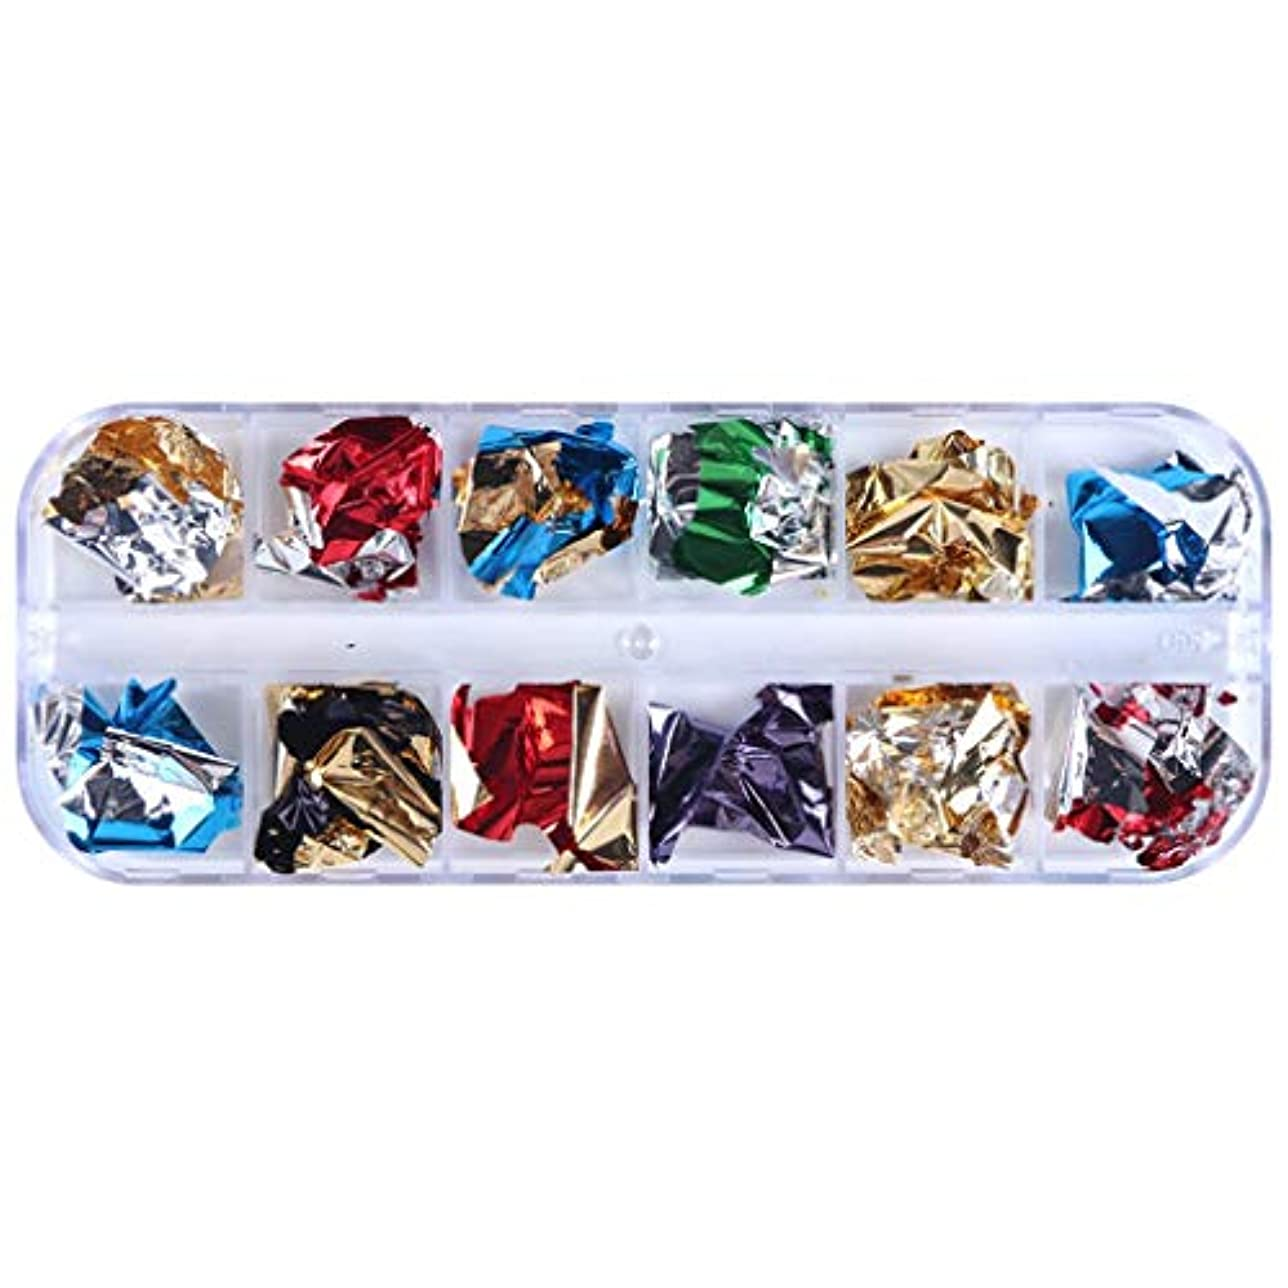 軽やりすぎあなたのものOD企画 細切りラメネイルホイル ホイルフレークデコレーション ネイルレジンパーツ金箔/銀箔パウダー 埋め込み用 12色セットケース付け 3Dネイルアート デコレーション ネイルデザイン マニキュア デコパーツ 夏